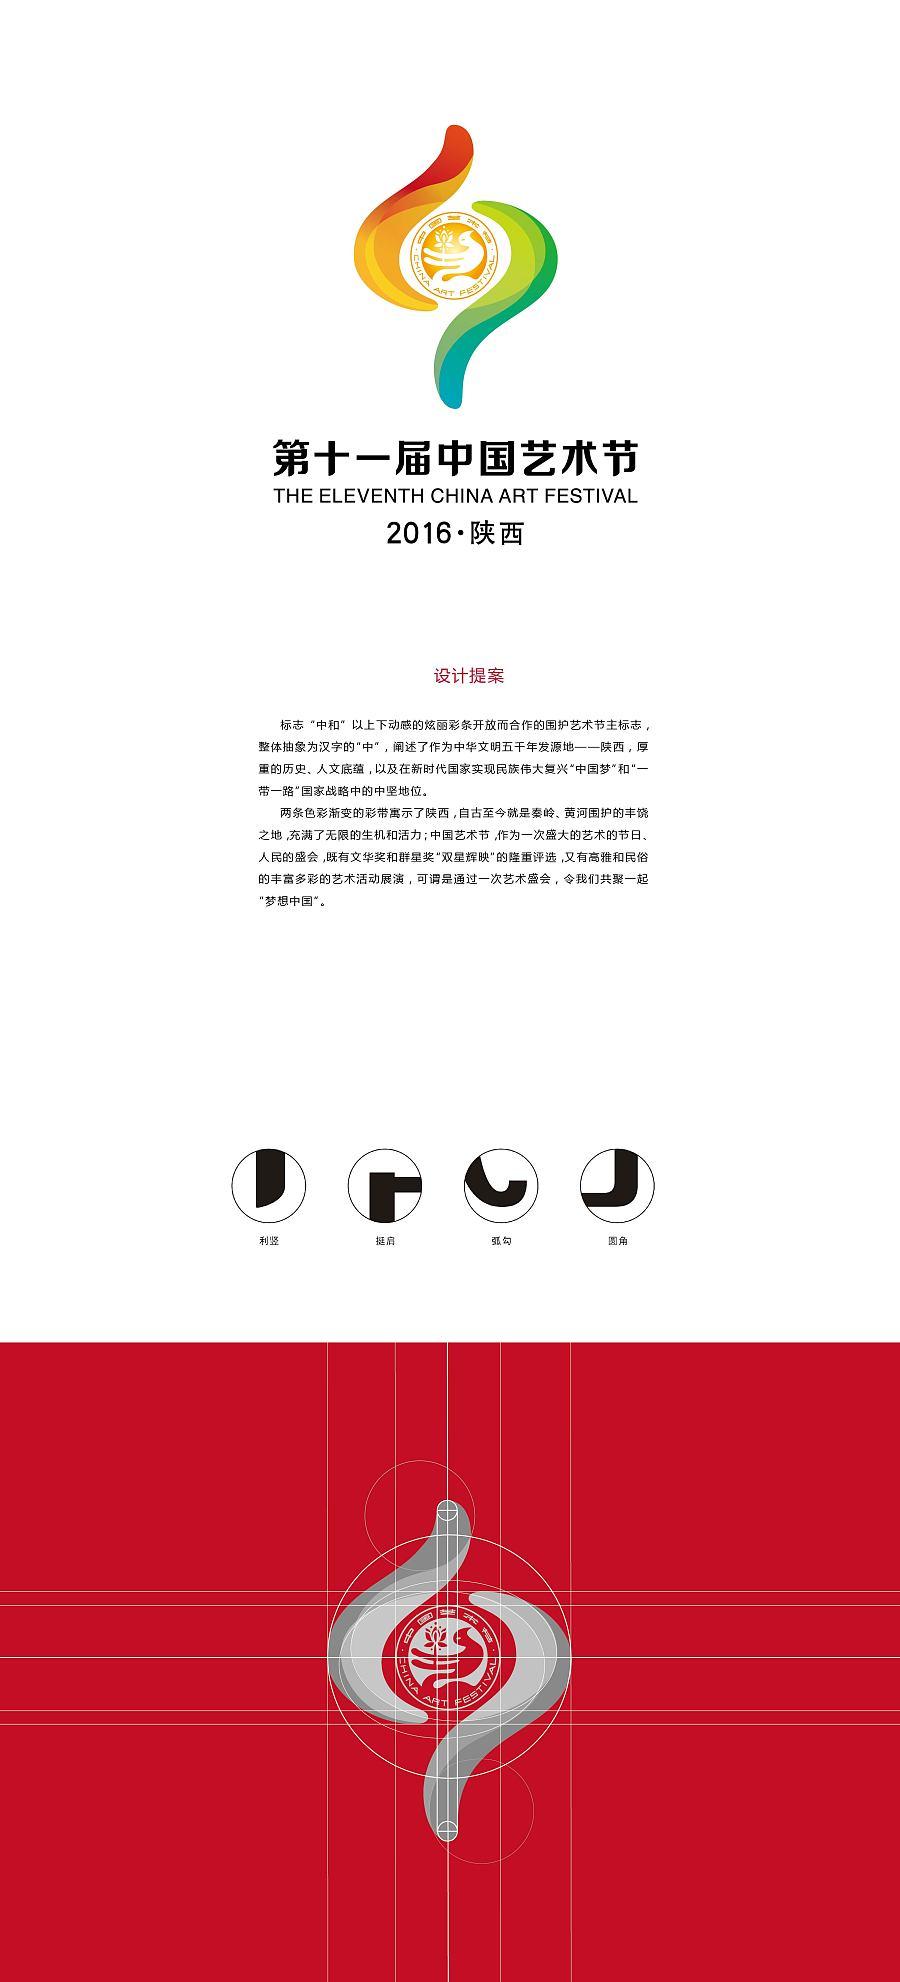 第十一届中国艺术节 会徽方案|VI\/CI|平面|yuxia